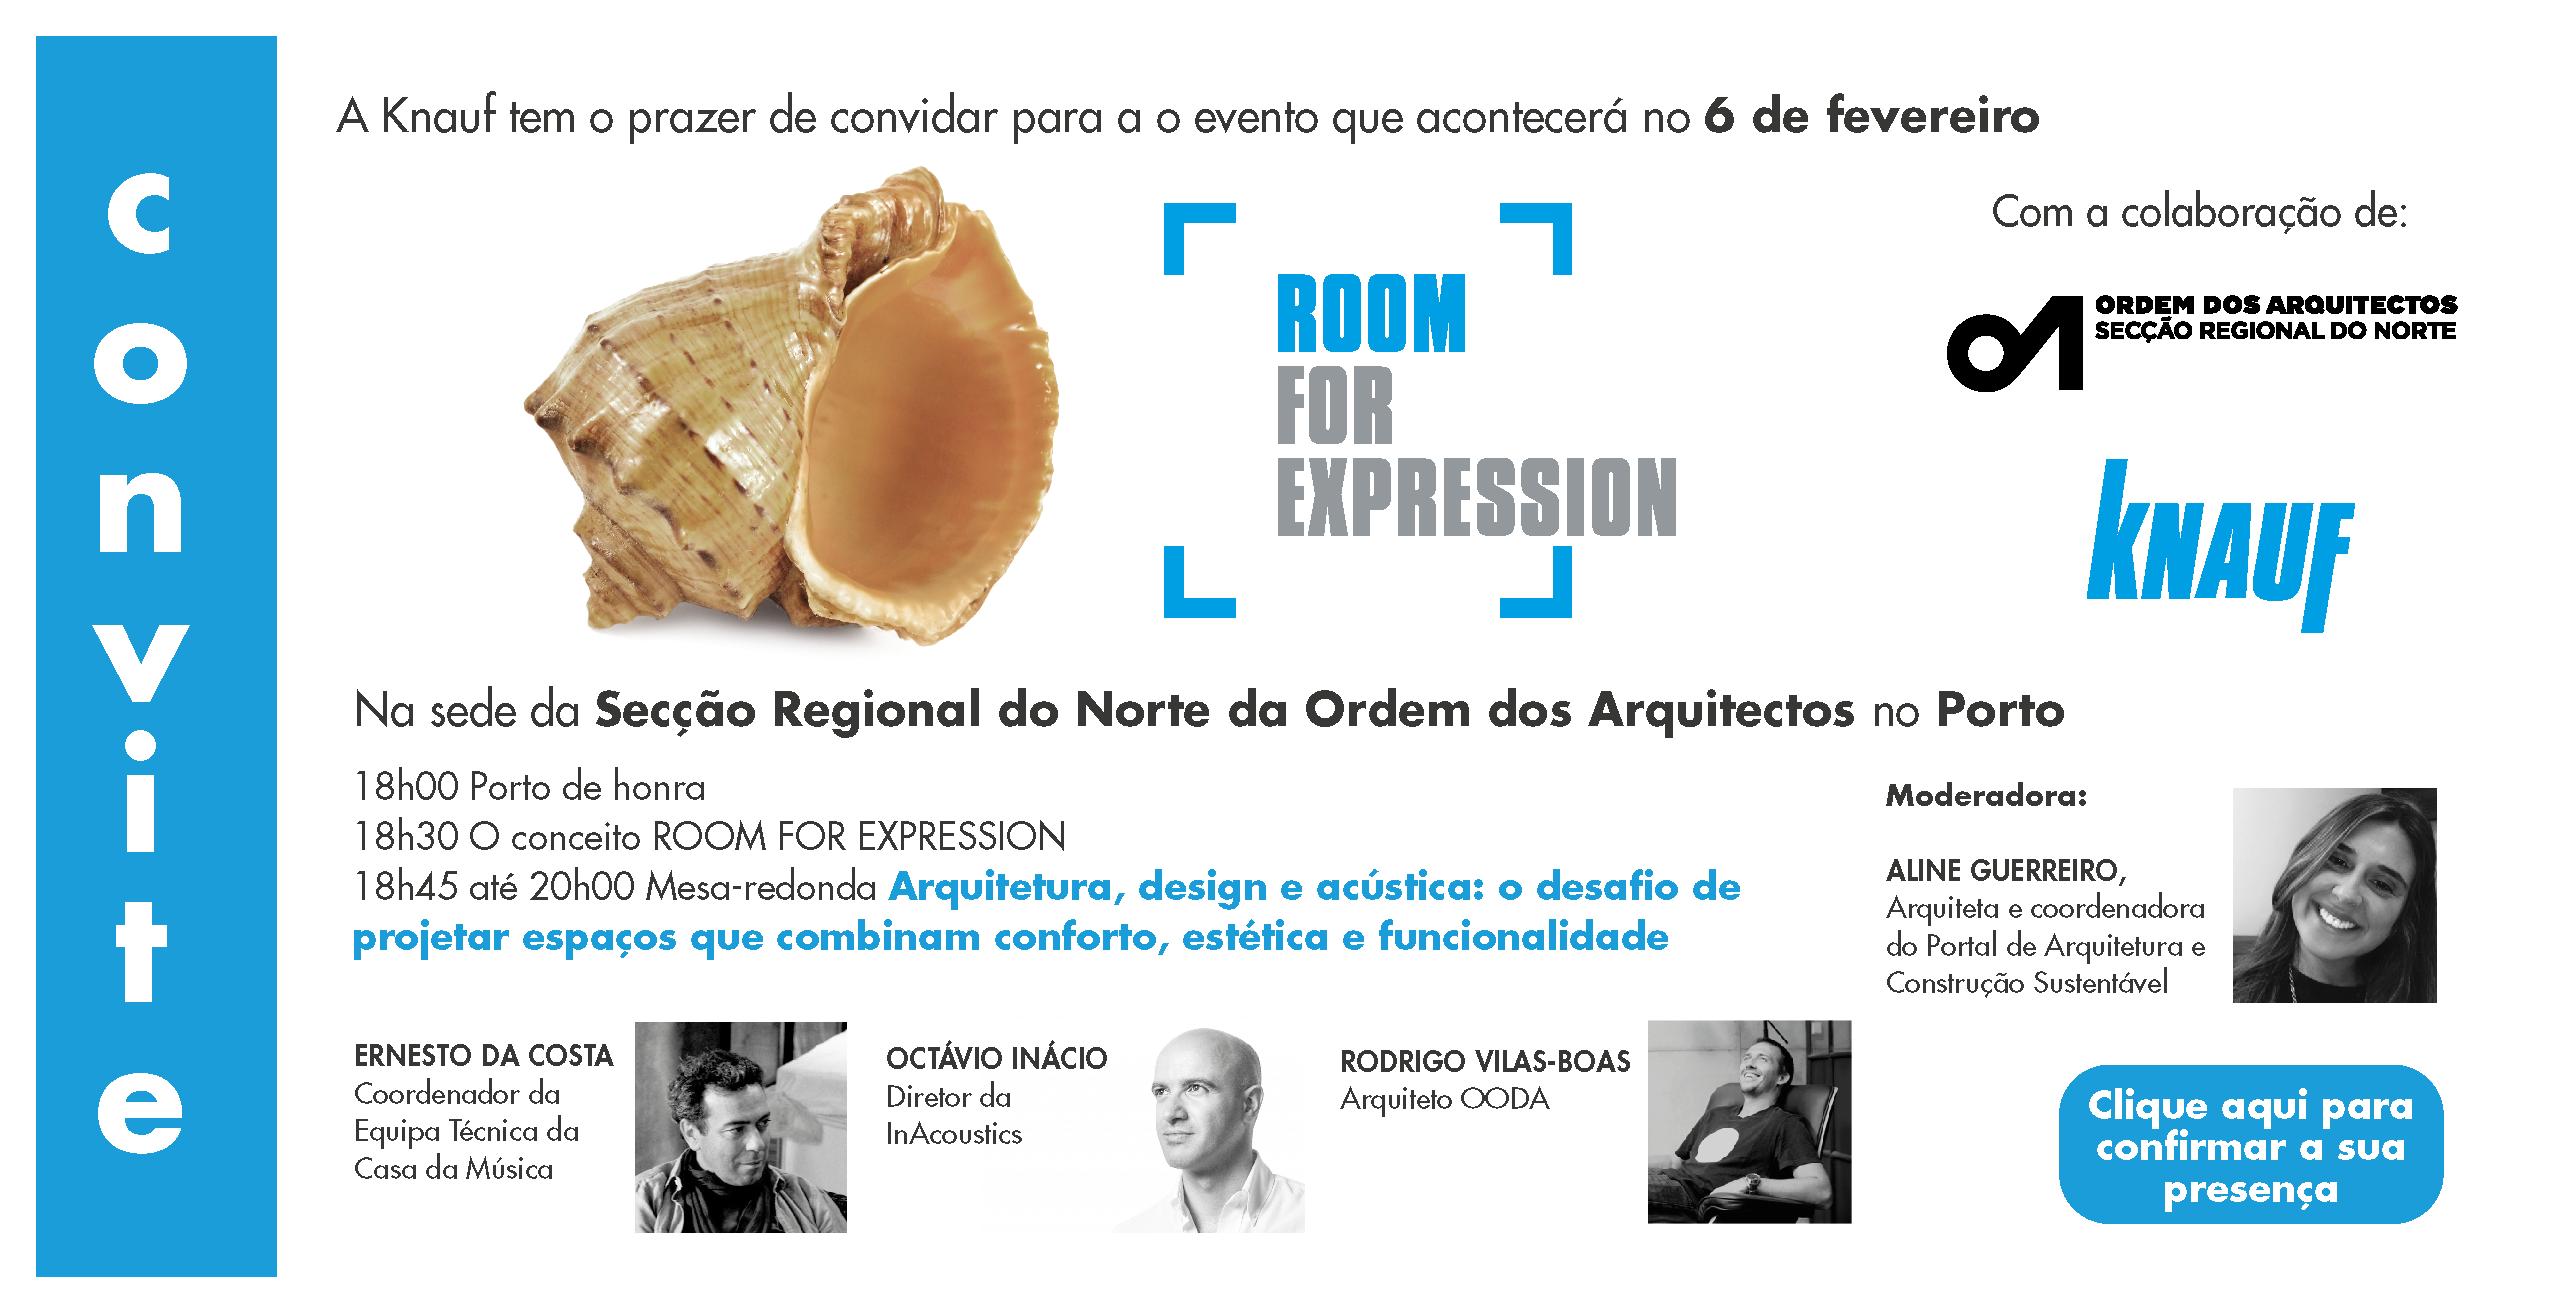 ROOM FOR EXPRESSION | EVENTO KNAUF NA ORDEM DOS ARQUITETOS